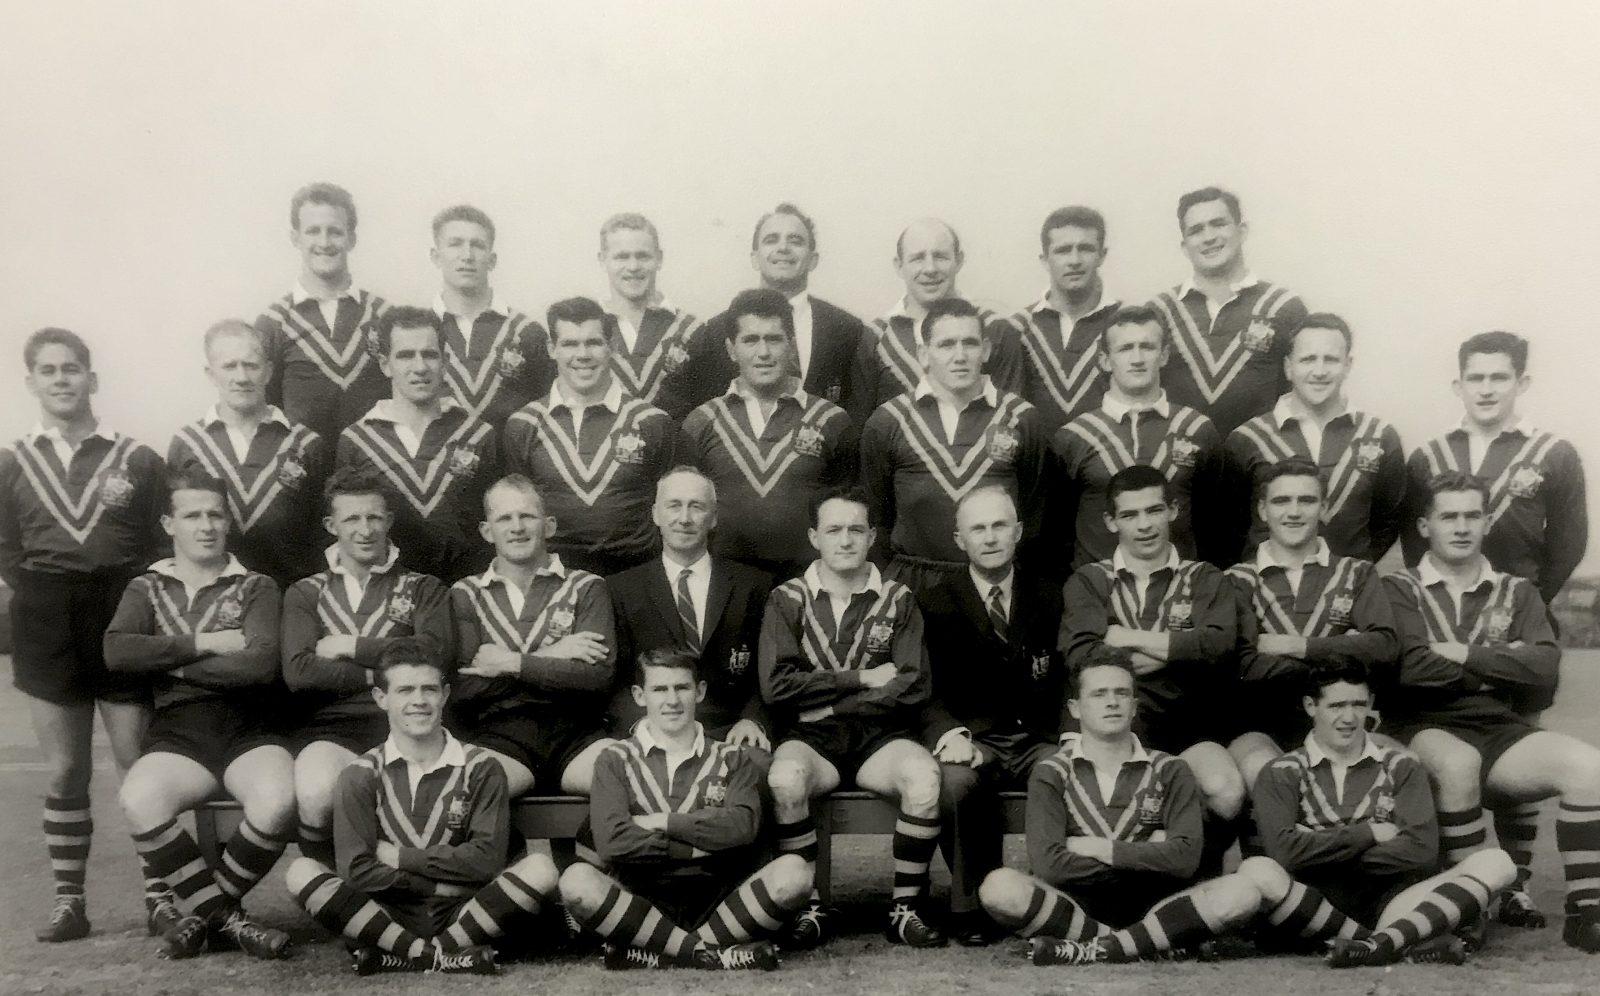 The 1959 Kangaroos